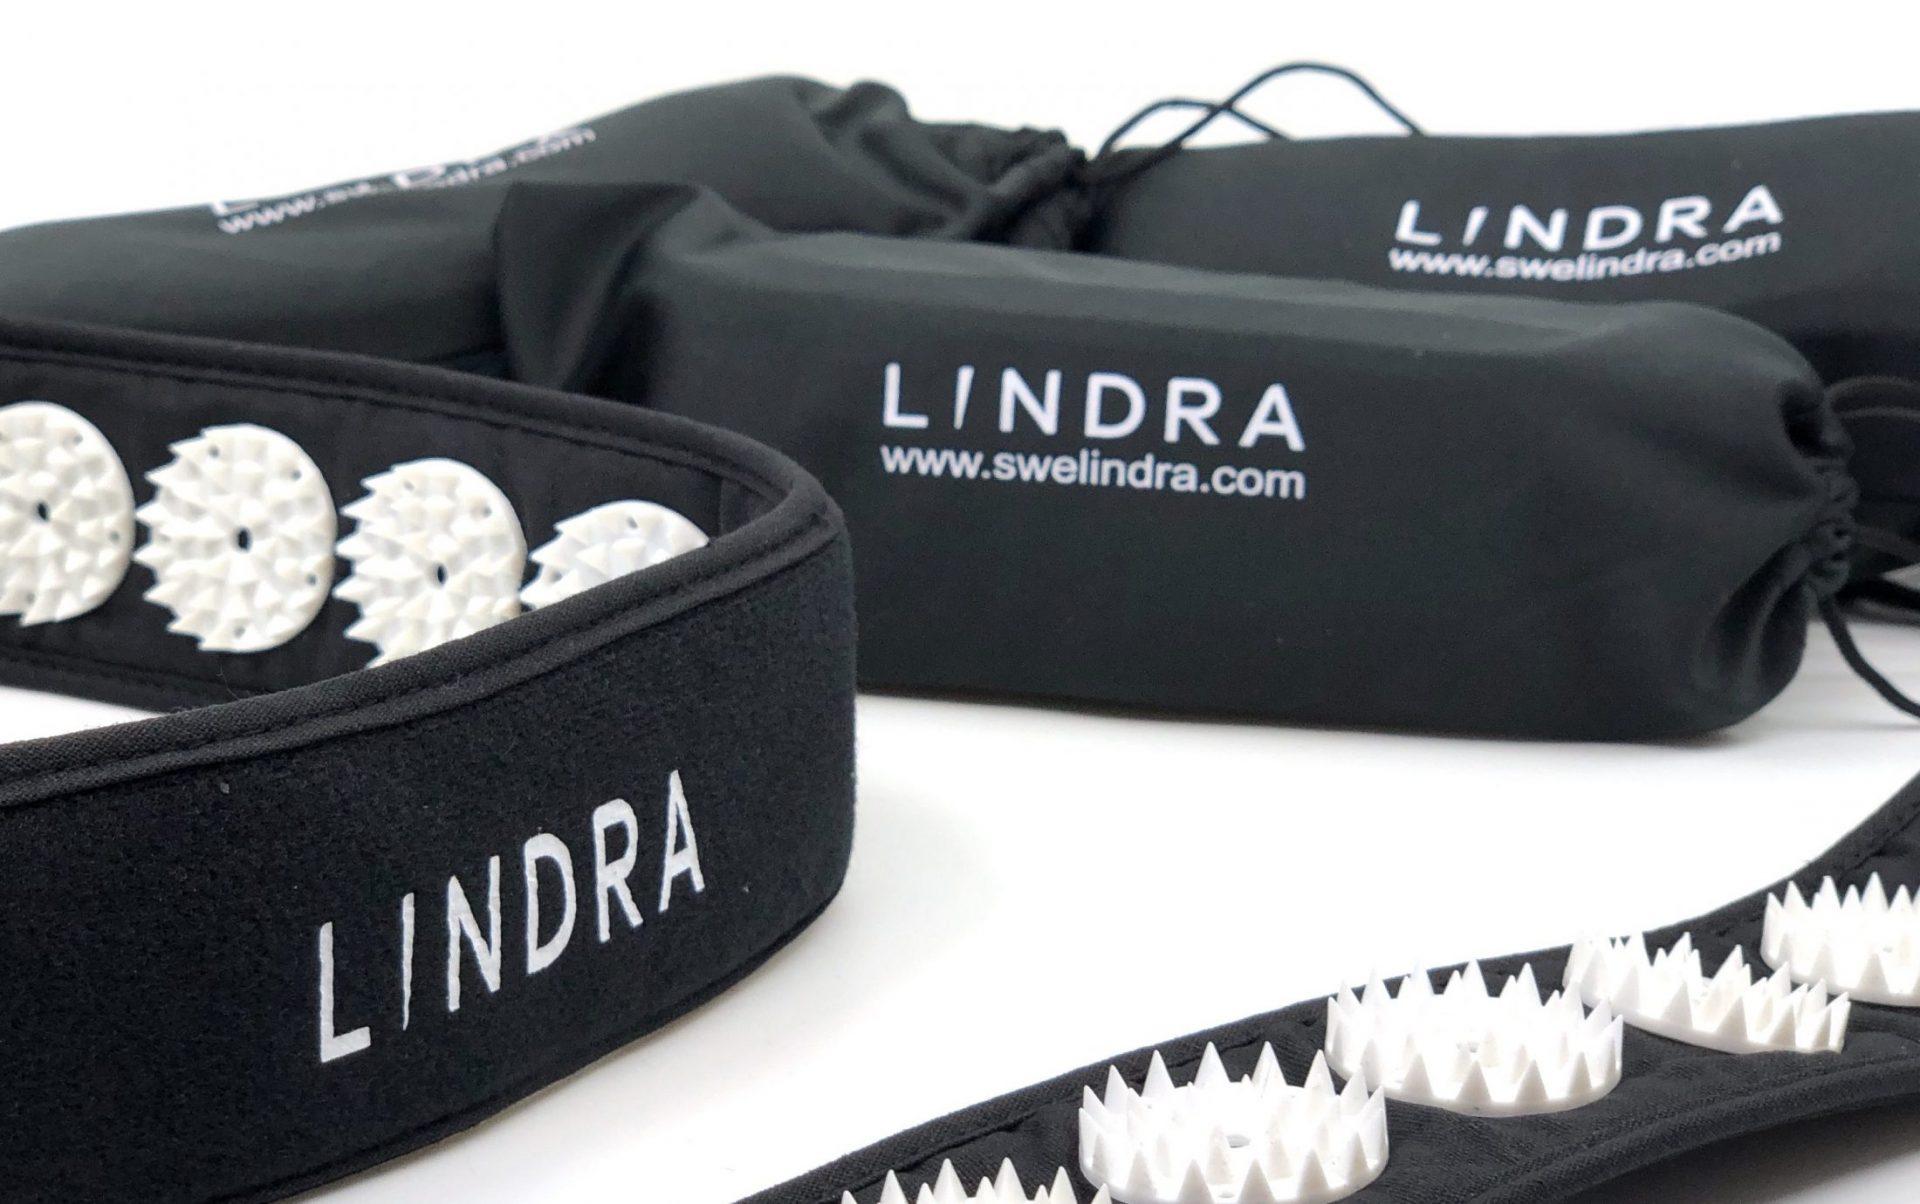 lindra-spikpannband-med-fodral-3